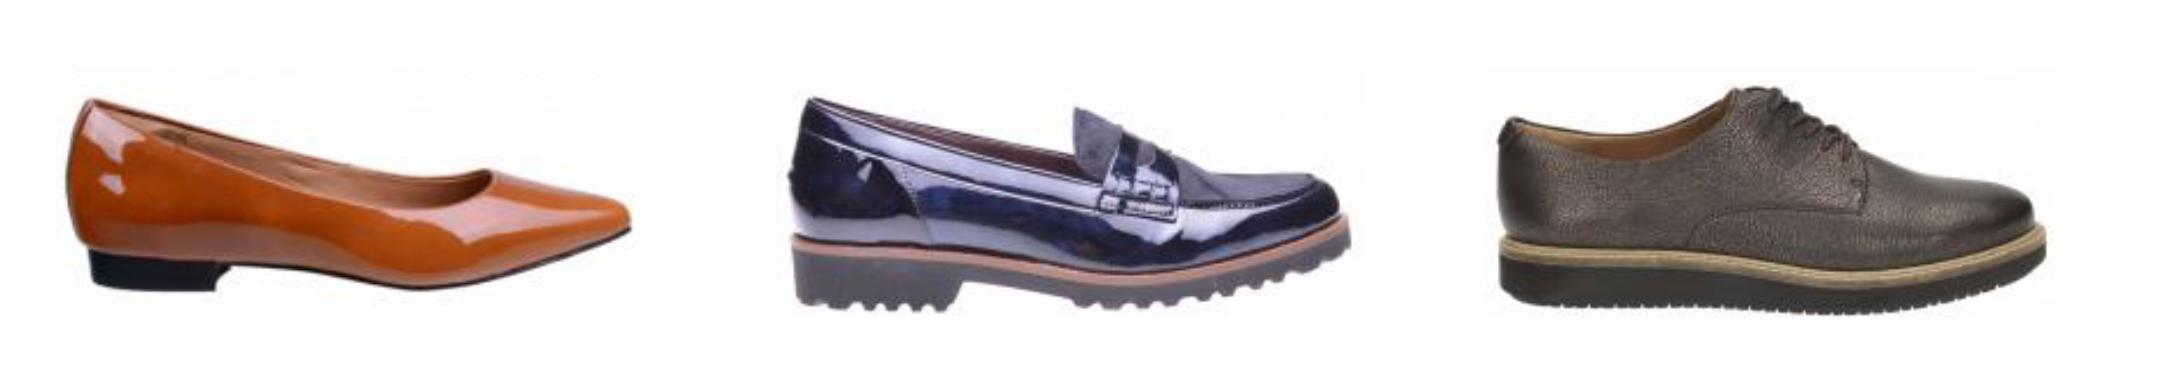 na stopach o specjalne do butów szczegóły dla Buty Do Pracy Dla Pań - Sklep z butami online Cozy Shoes